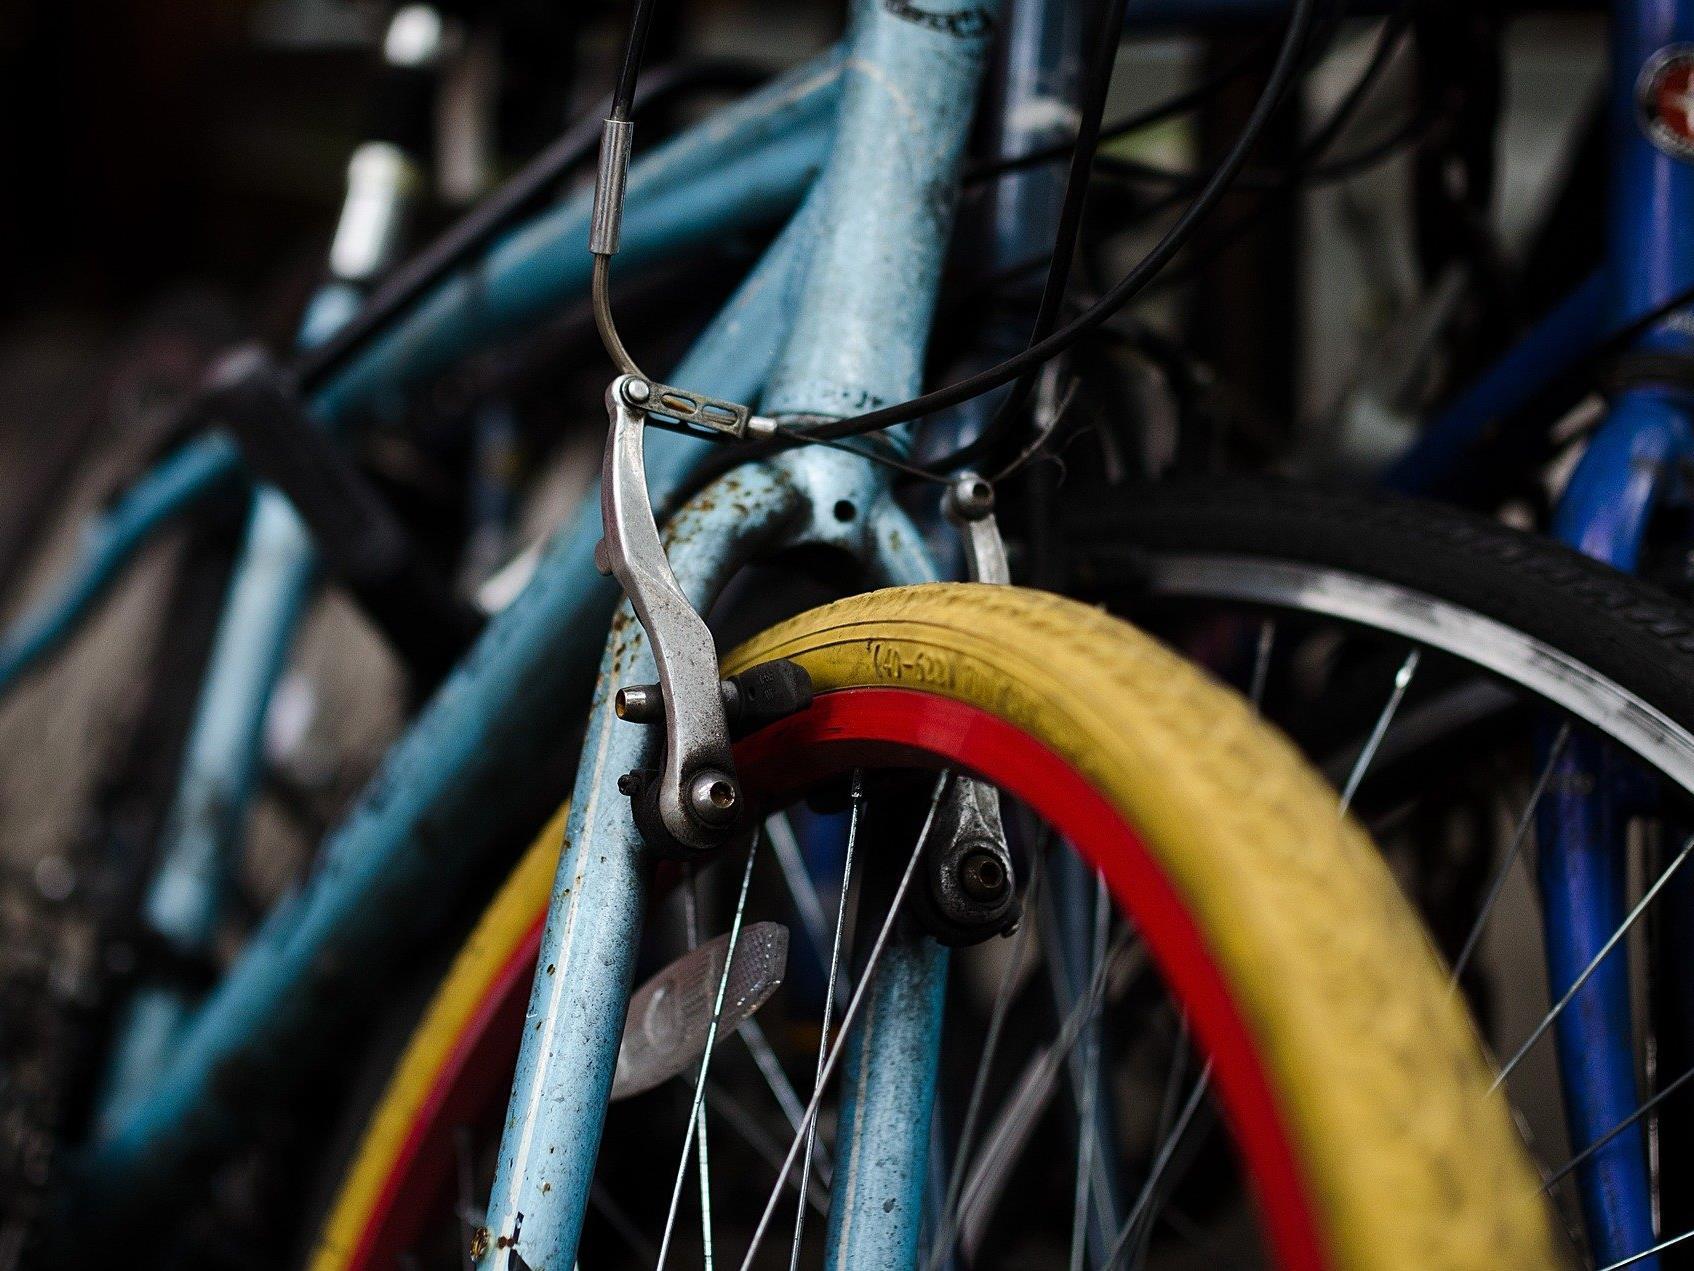 Beim Fahrradflohmarkt in Döbling nach dem geeigneten Drahtesel suchen - oder sich von ihm unkompliziert trennen